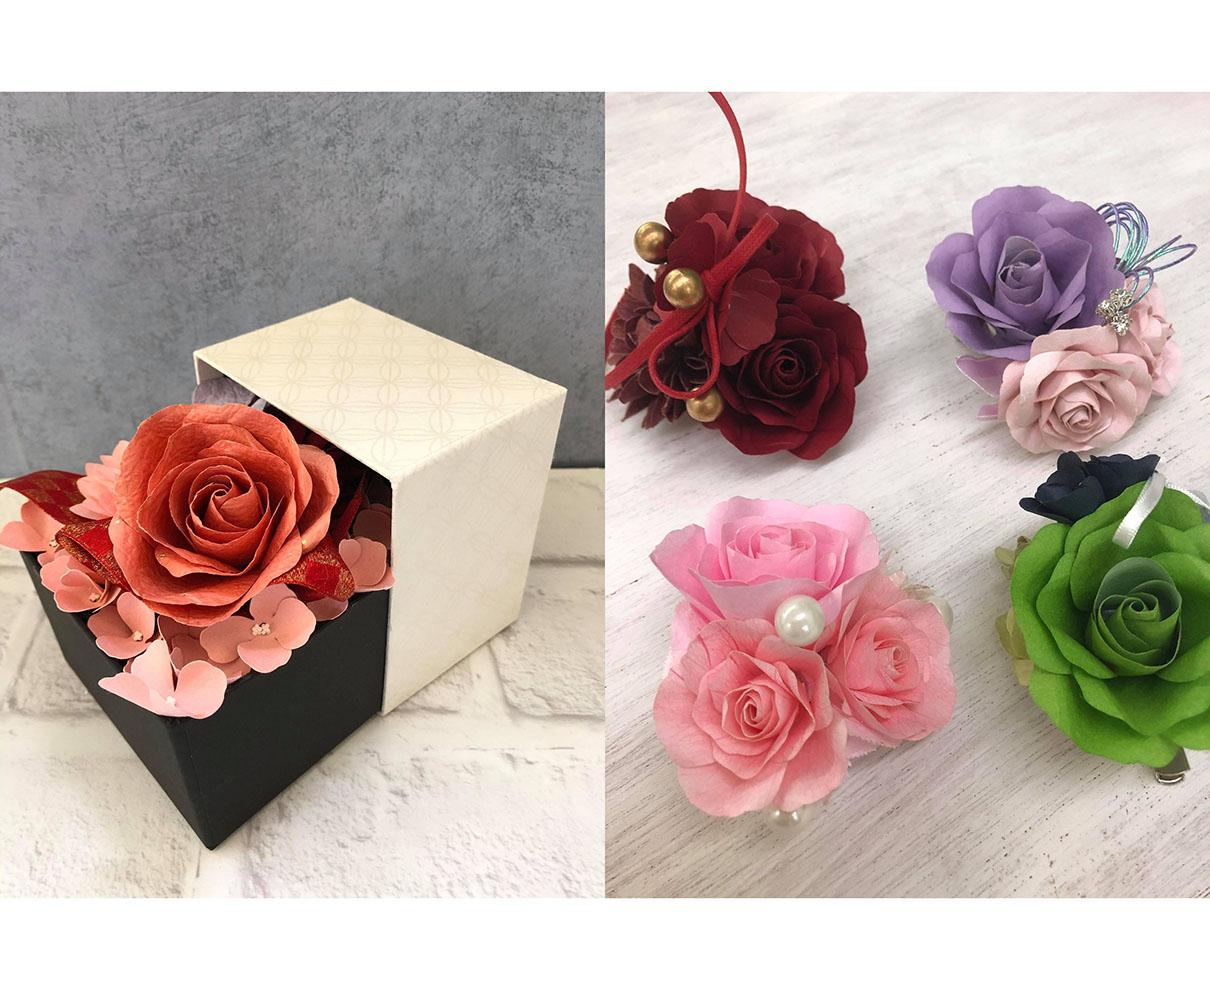 【6/20】越前和紙のお花で、オリジナルの「フラワーBOX」や「コサージュ」を作ろう♪